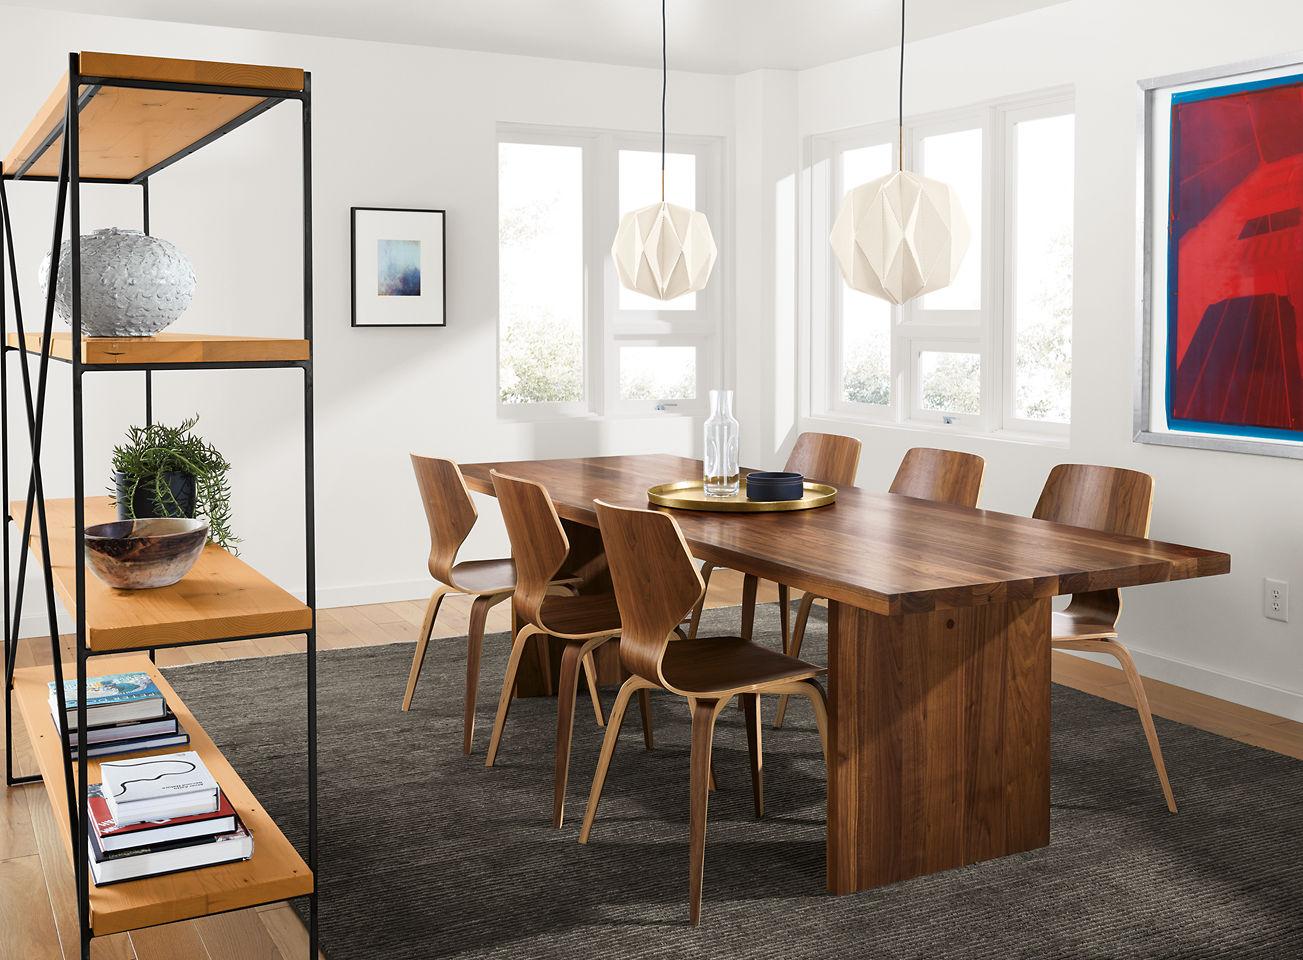 modern dining room kitchen furniture room board. Black Bedroom Furniture Sets. Home Design Ideas